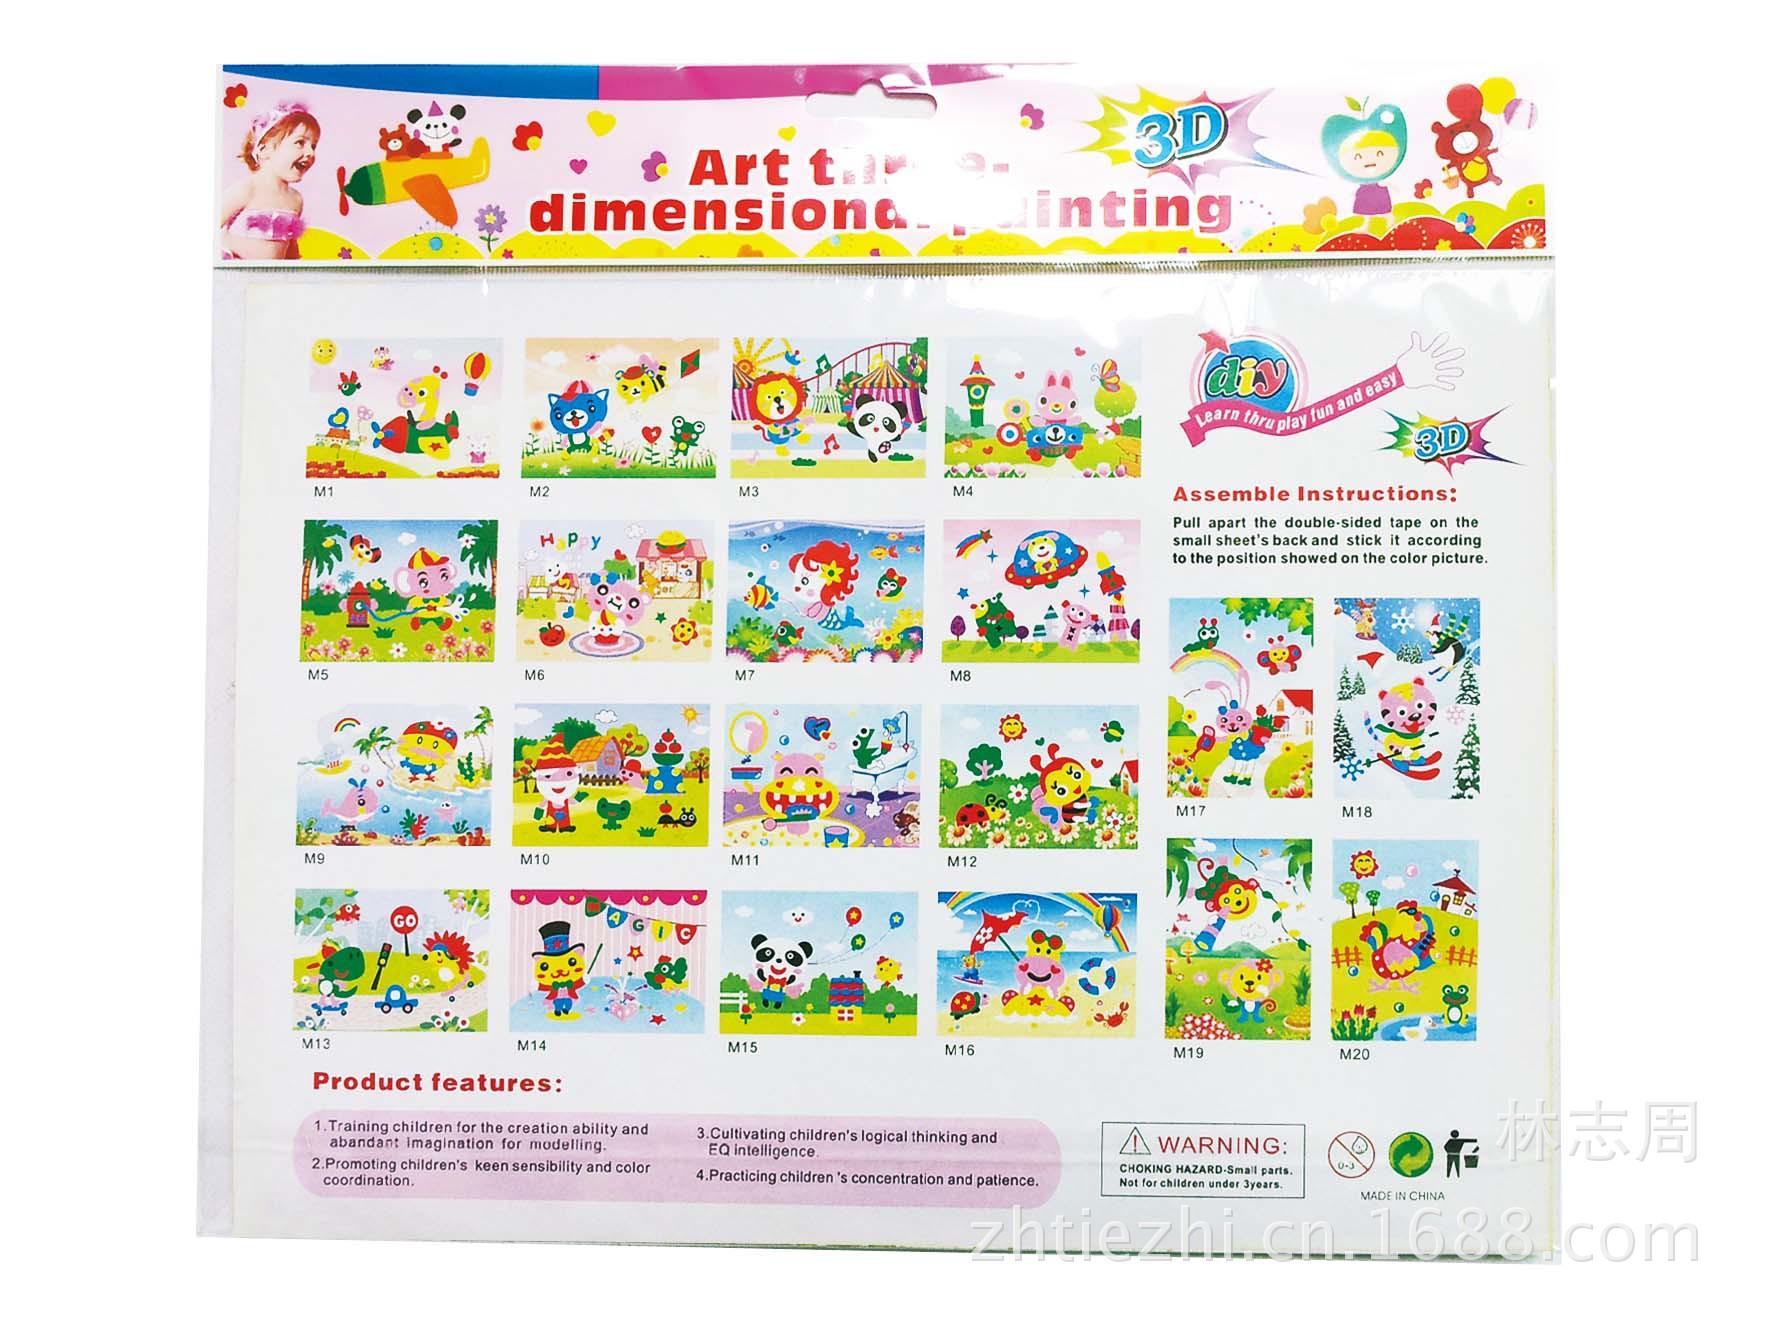 卡纸剪贴画立体画-A贴画手工立体粘贴画 儿童益智玩具 拼图 拼板尽在阿里巴巴